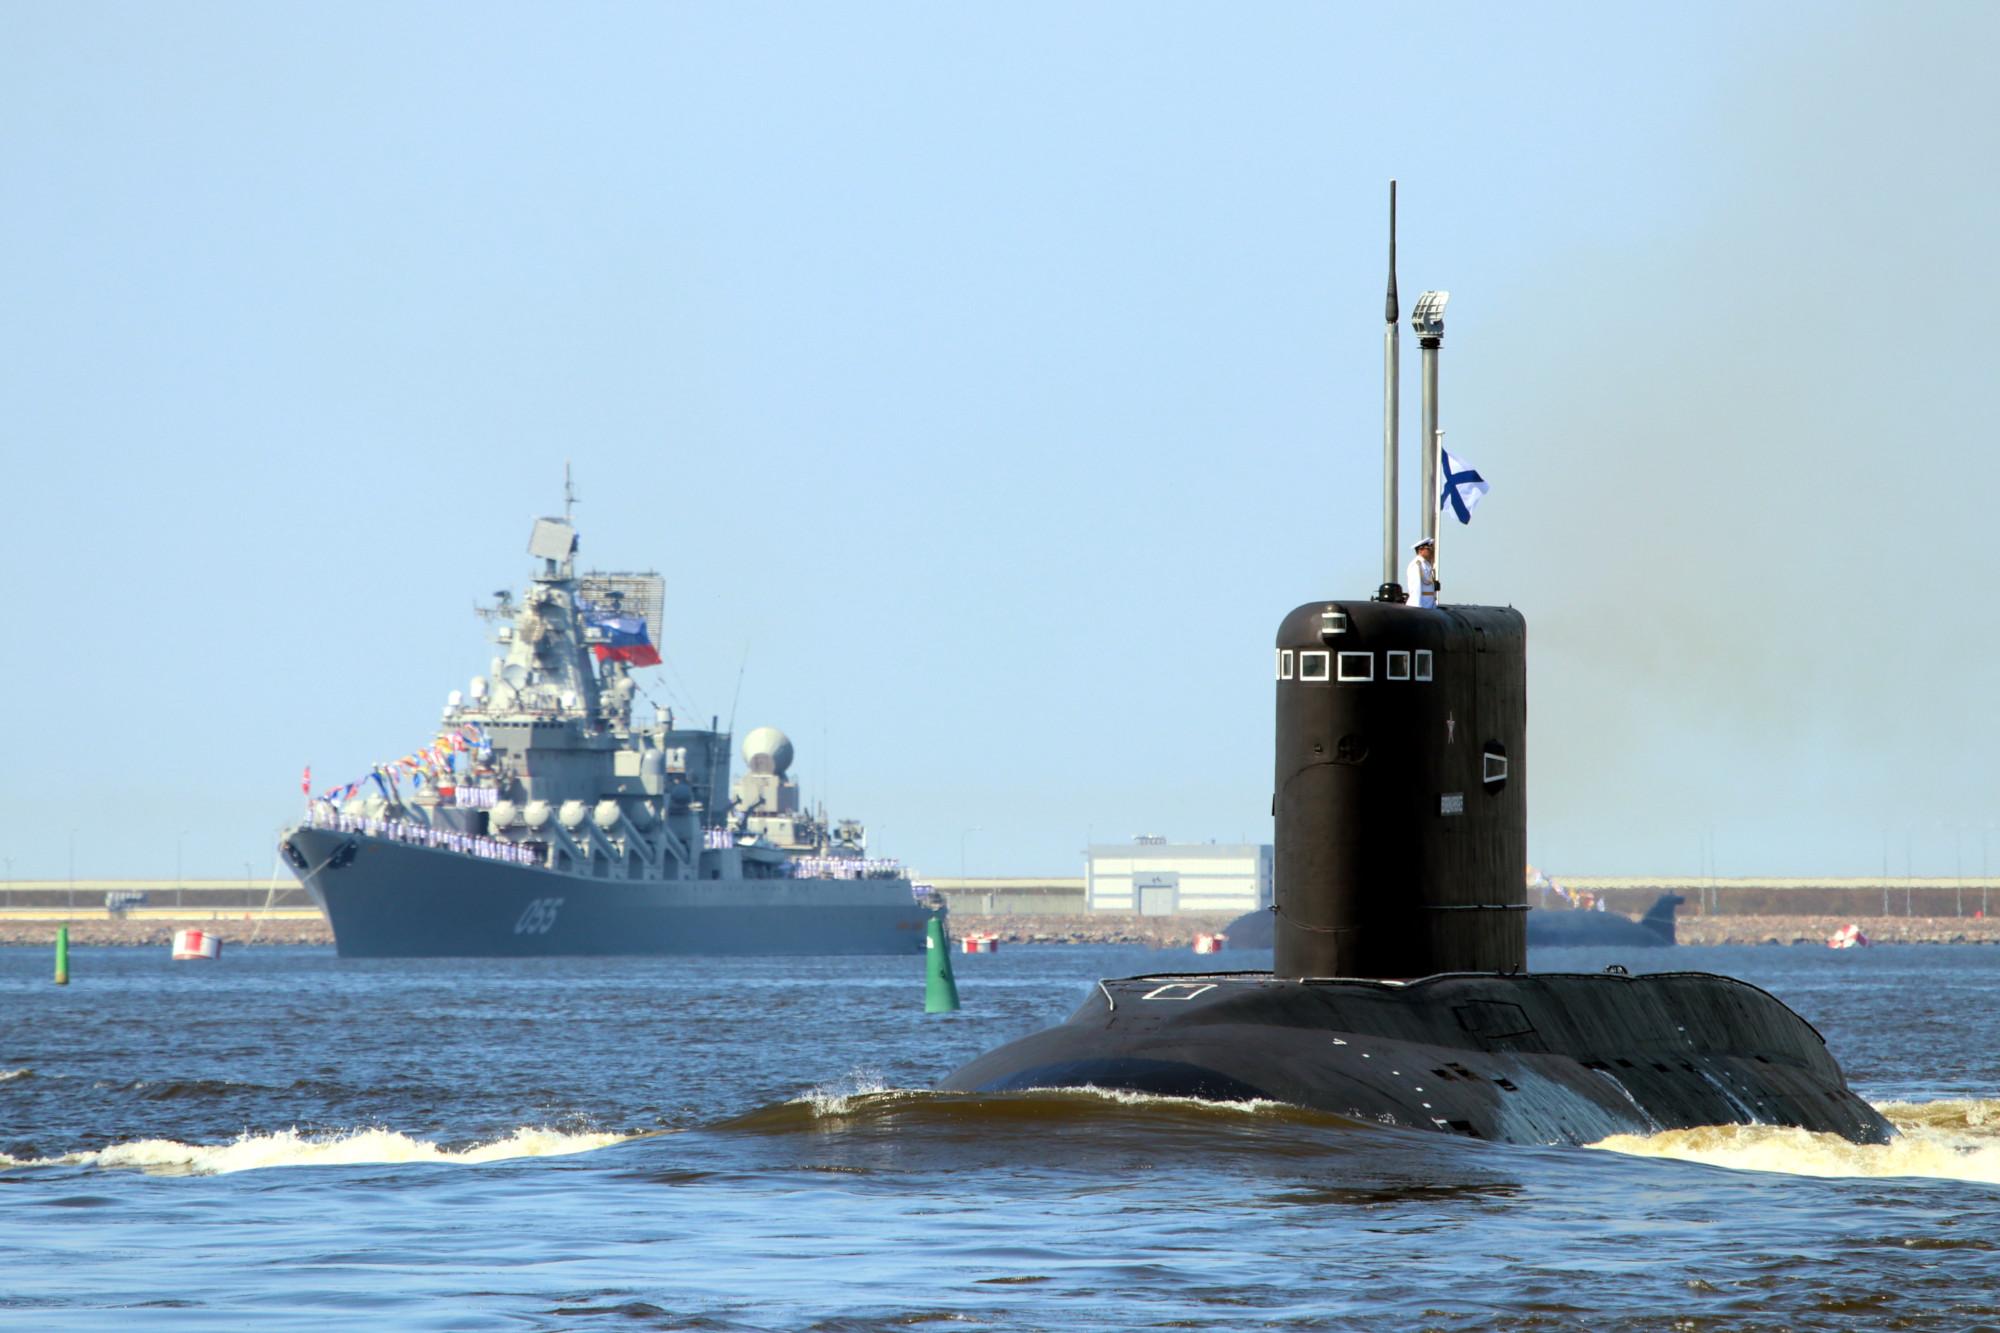 репетиция парада день ВМФ военно-морской флот корабли подводная лодка Владикавказ